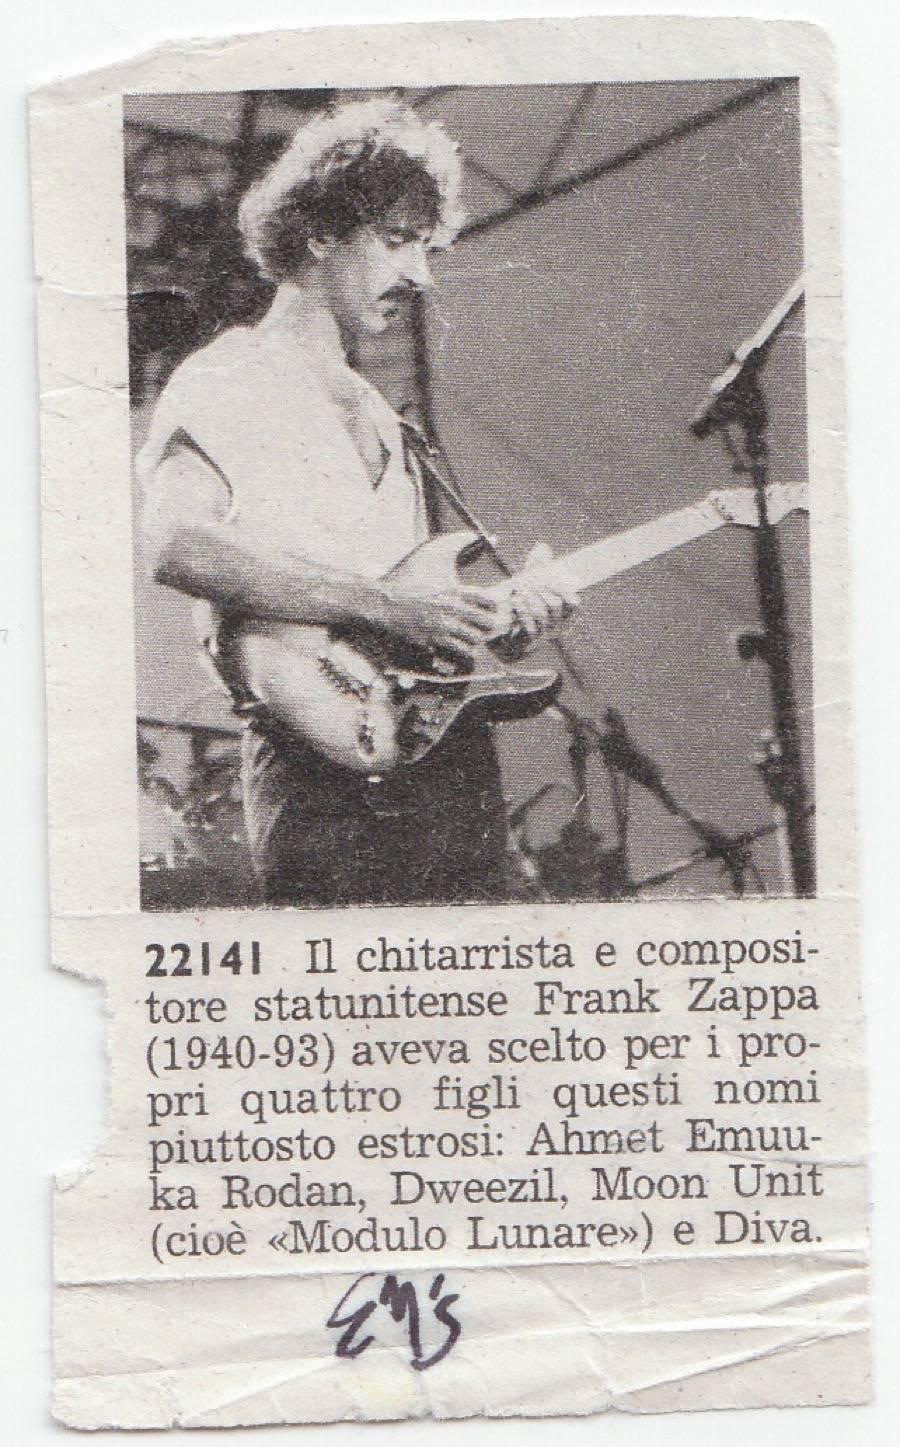 Frank_Zappa_Settimana_Enigmistica_SA